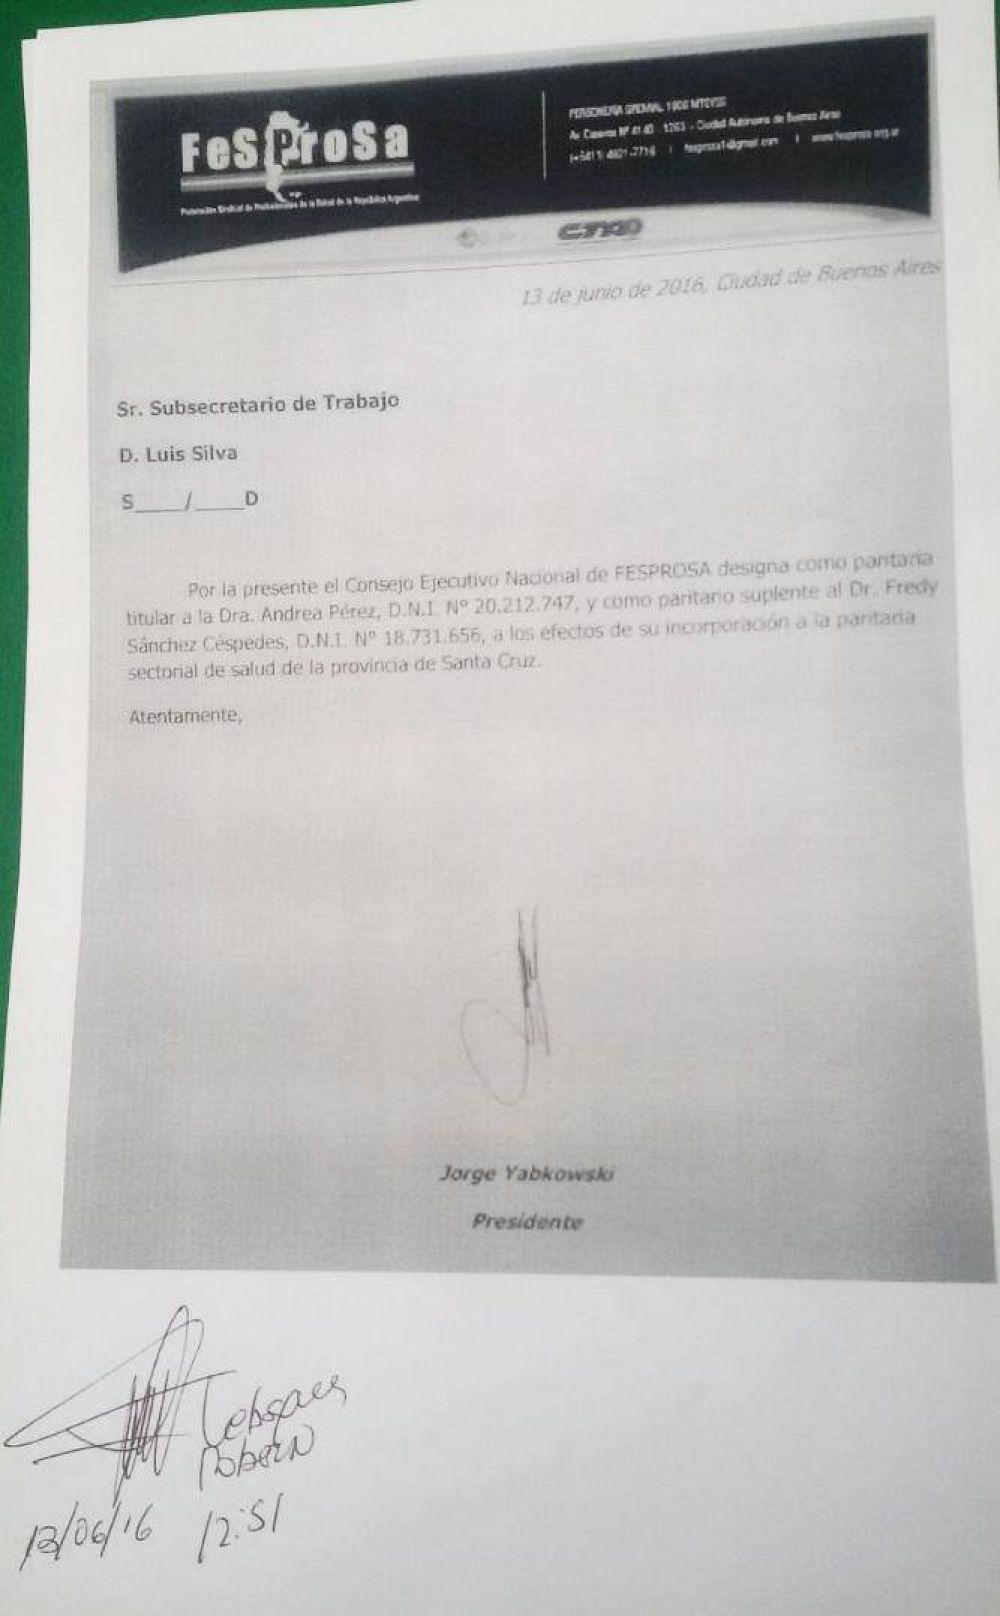 Nuevamente Alicia Kirchner desoye el pedido de APROSA